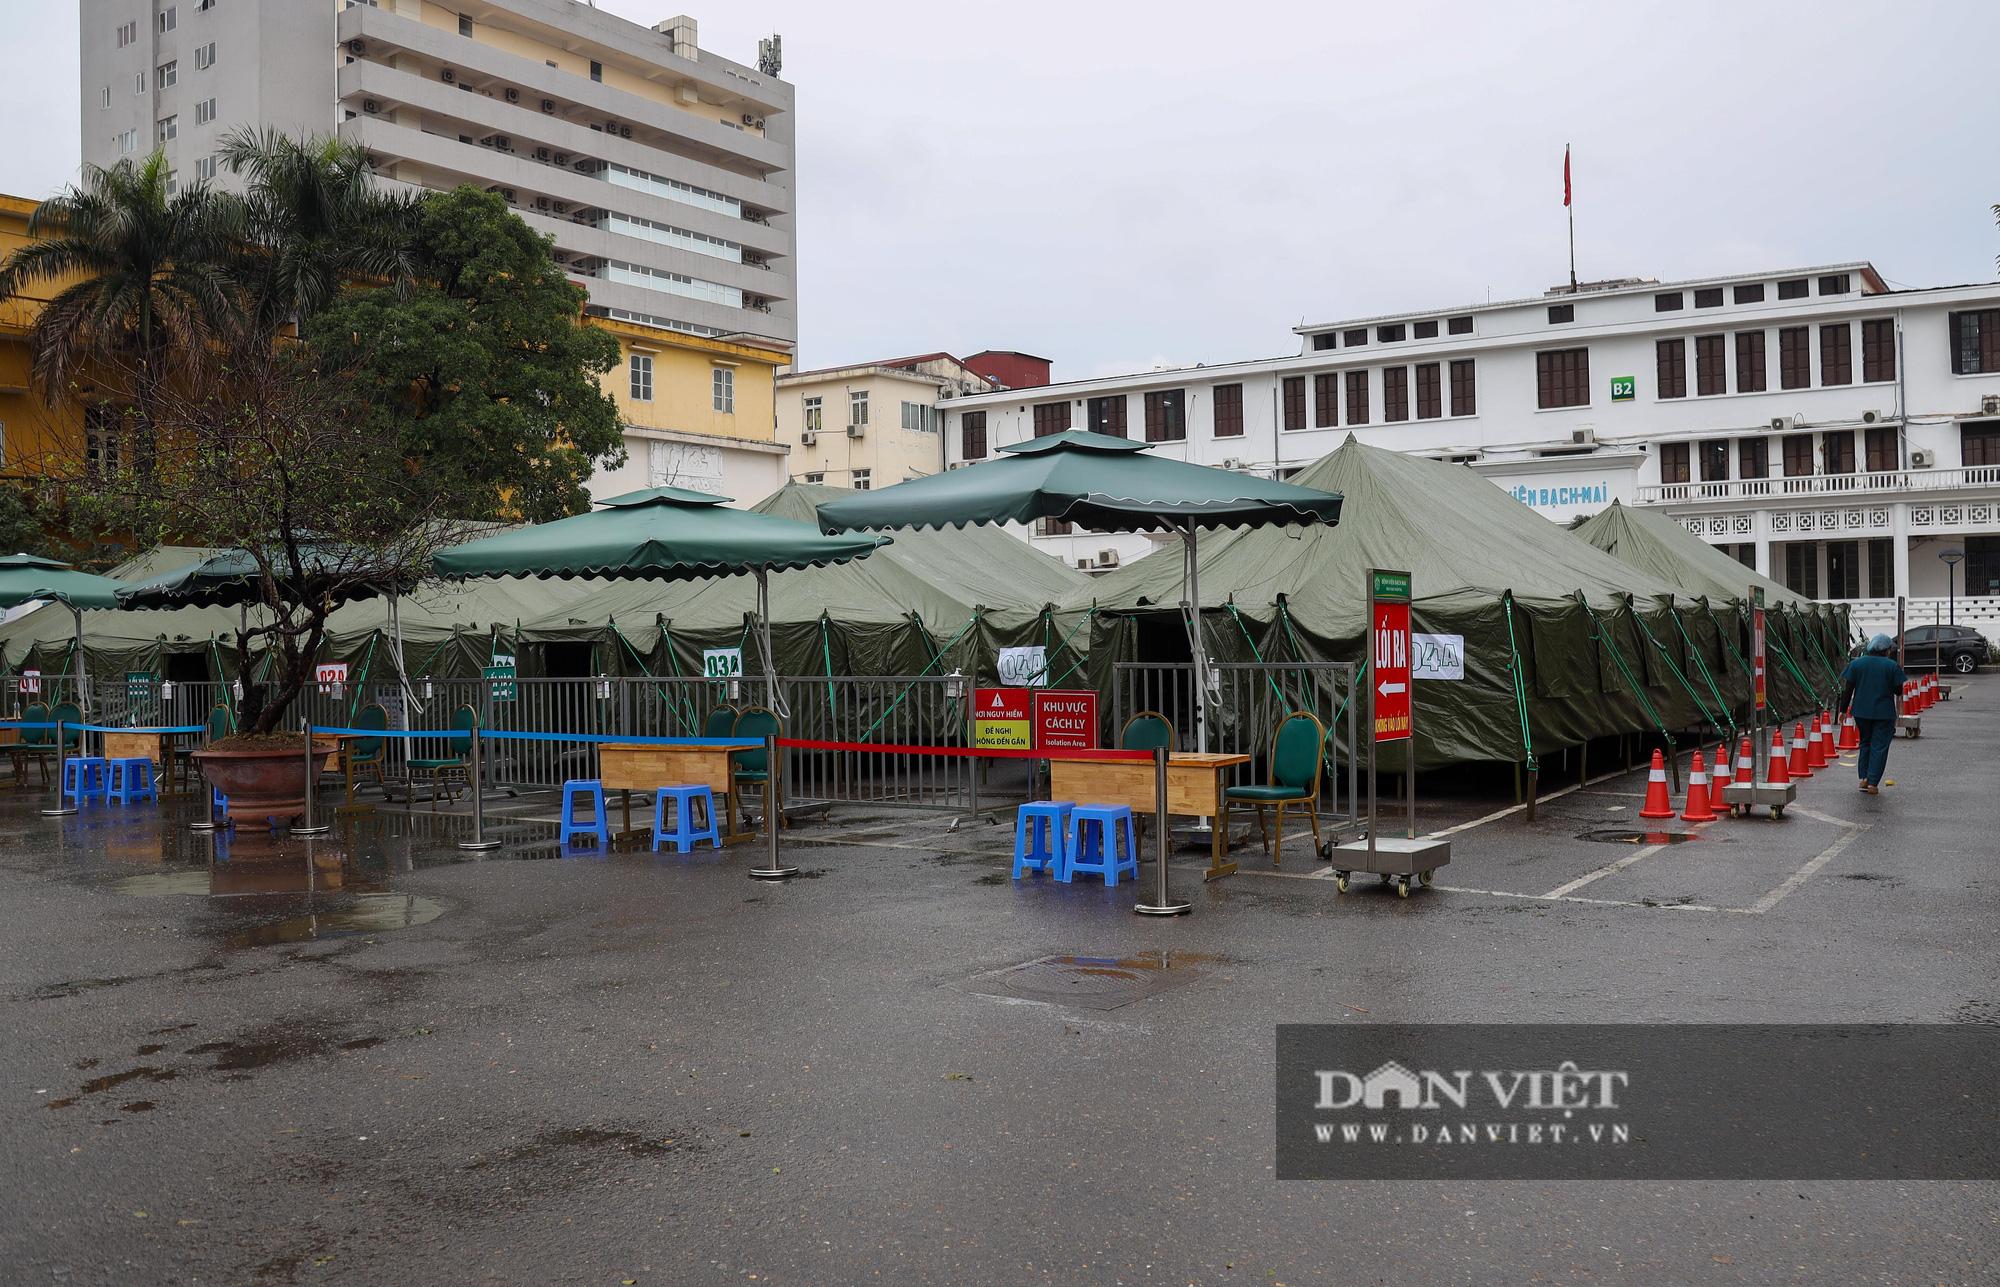 Cận cảnh bệnh viện dã chiến xây trong 4 tiếng ở Hà Nội  - Ảnh 1.